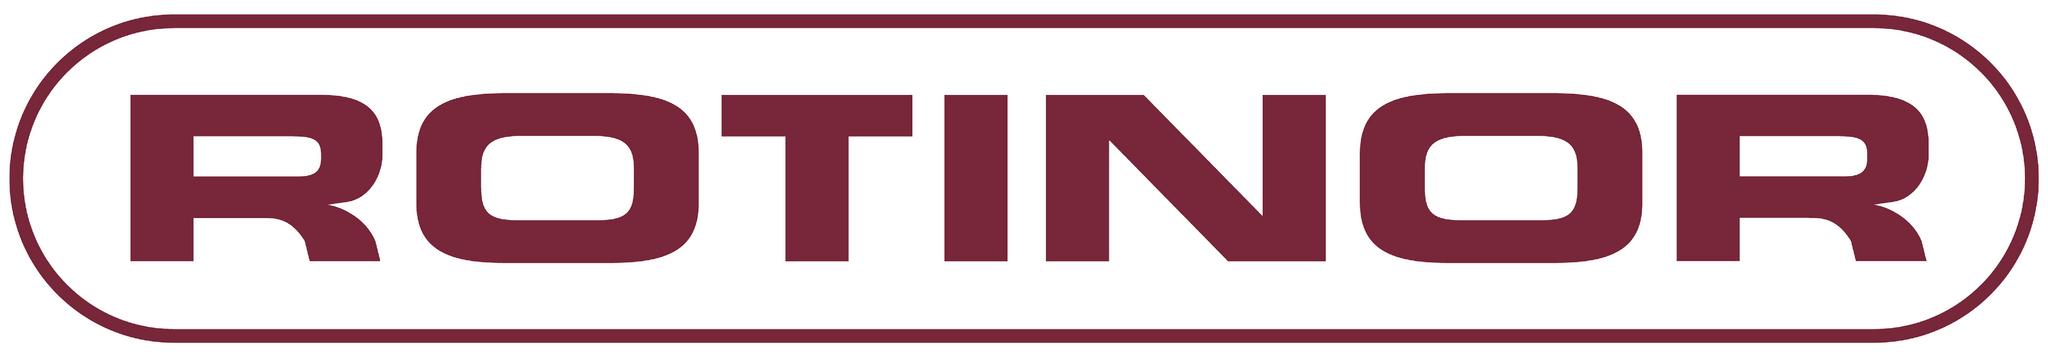 Rotinor GmbH